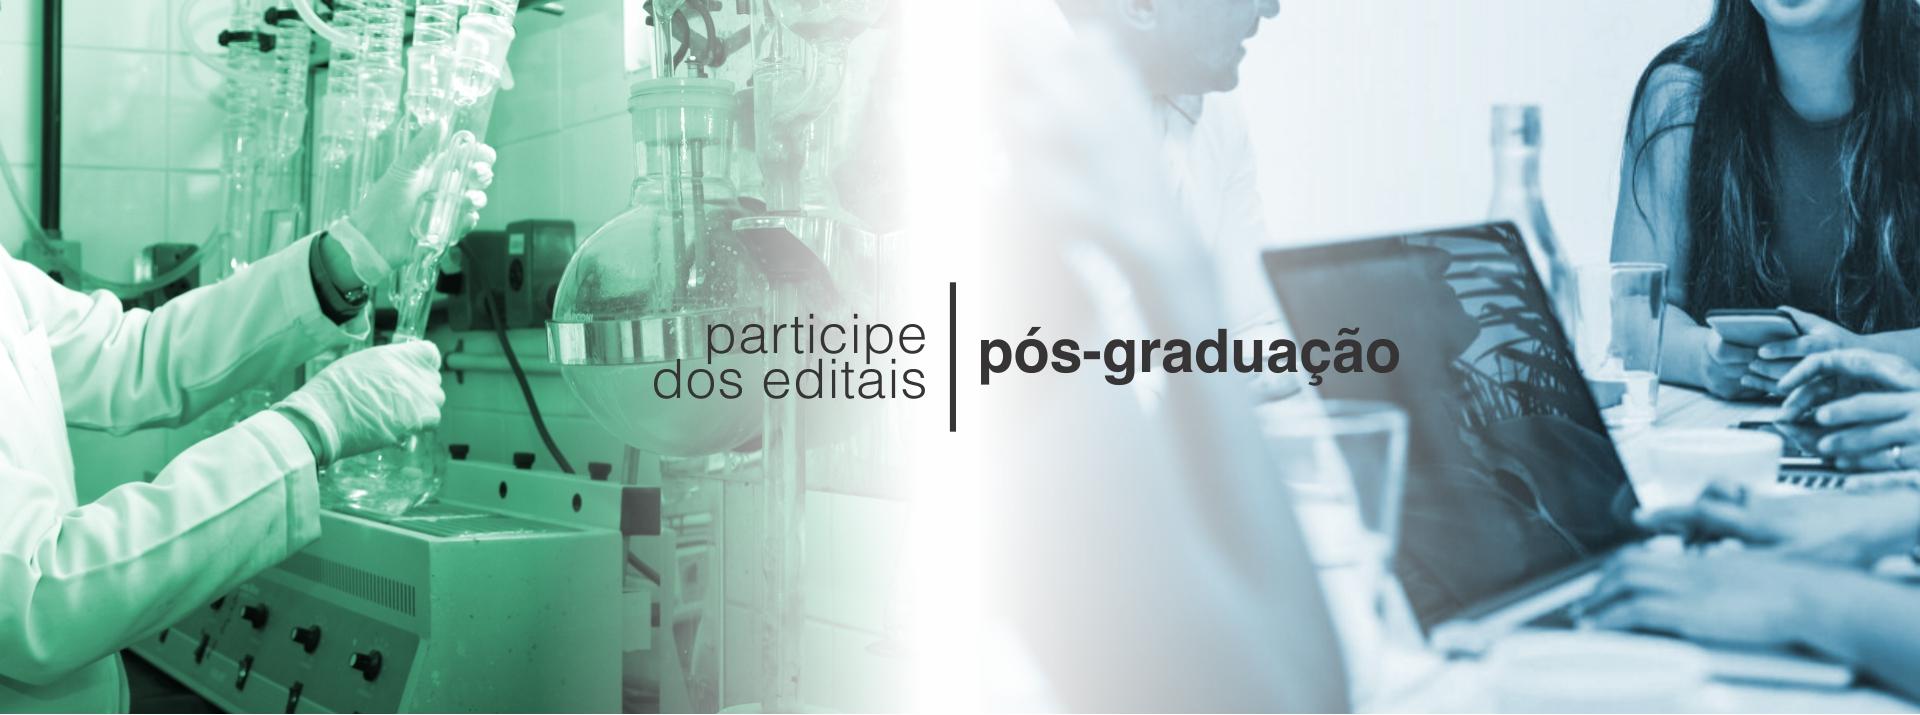 Banner da campanha participe dos editais da pós-graduação